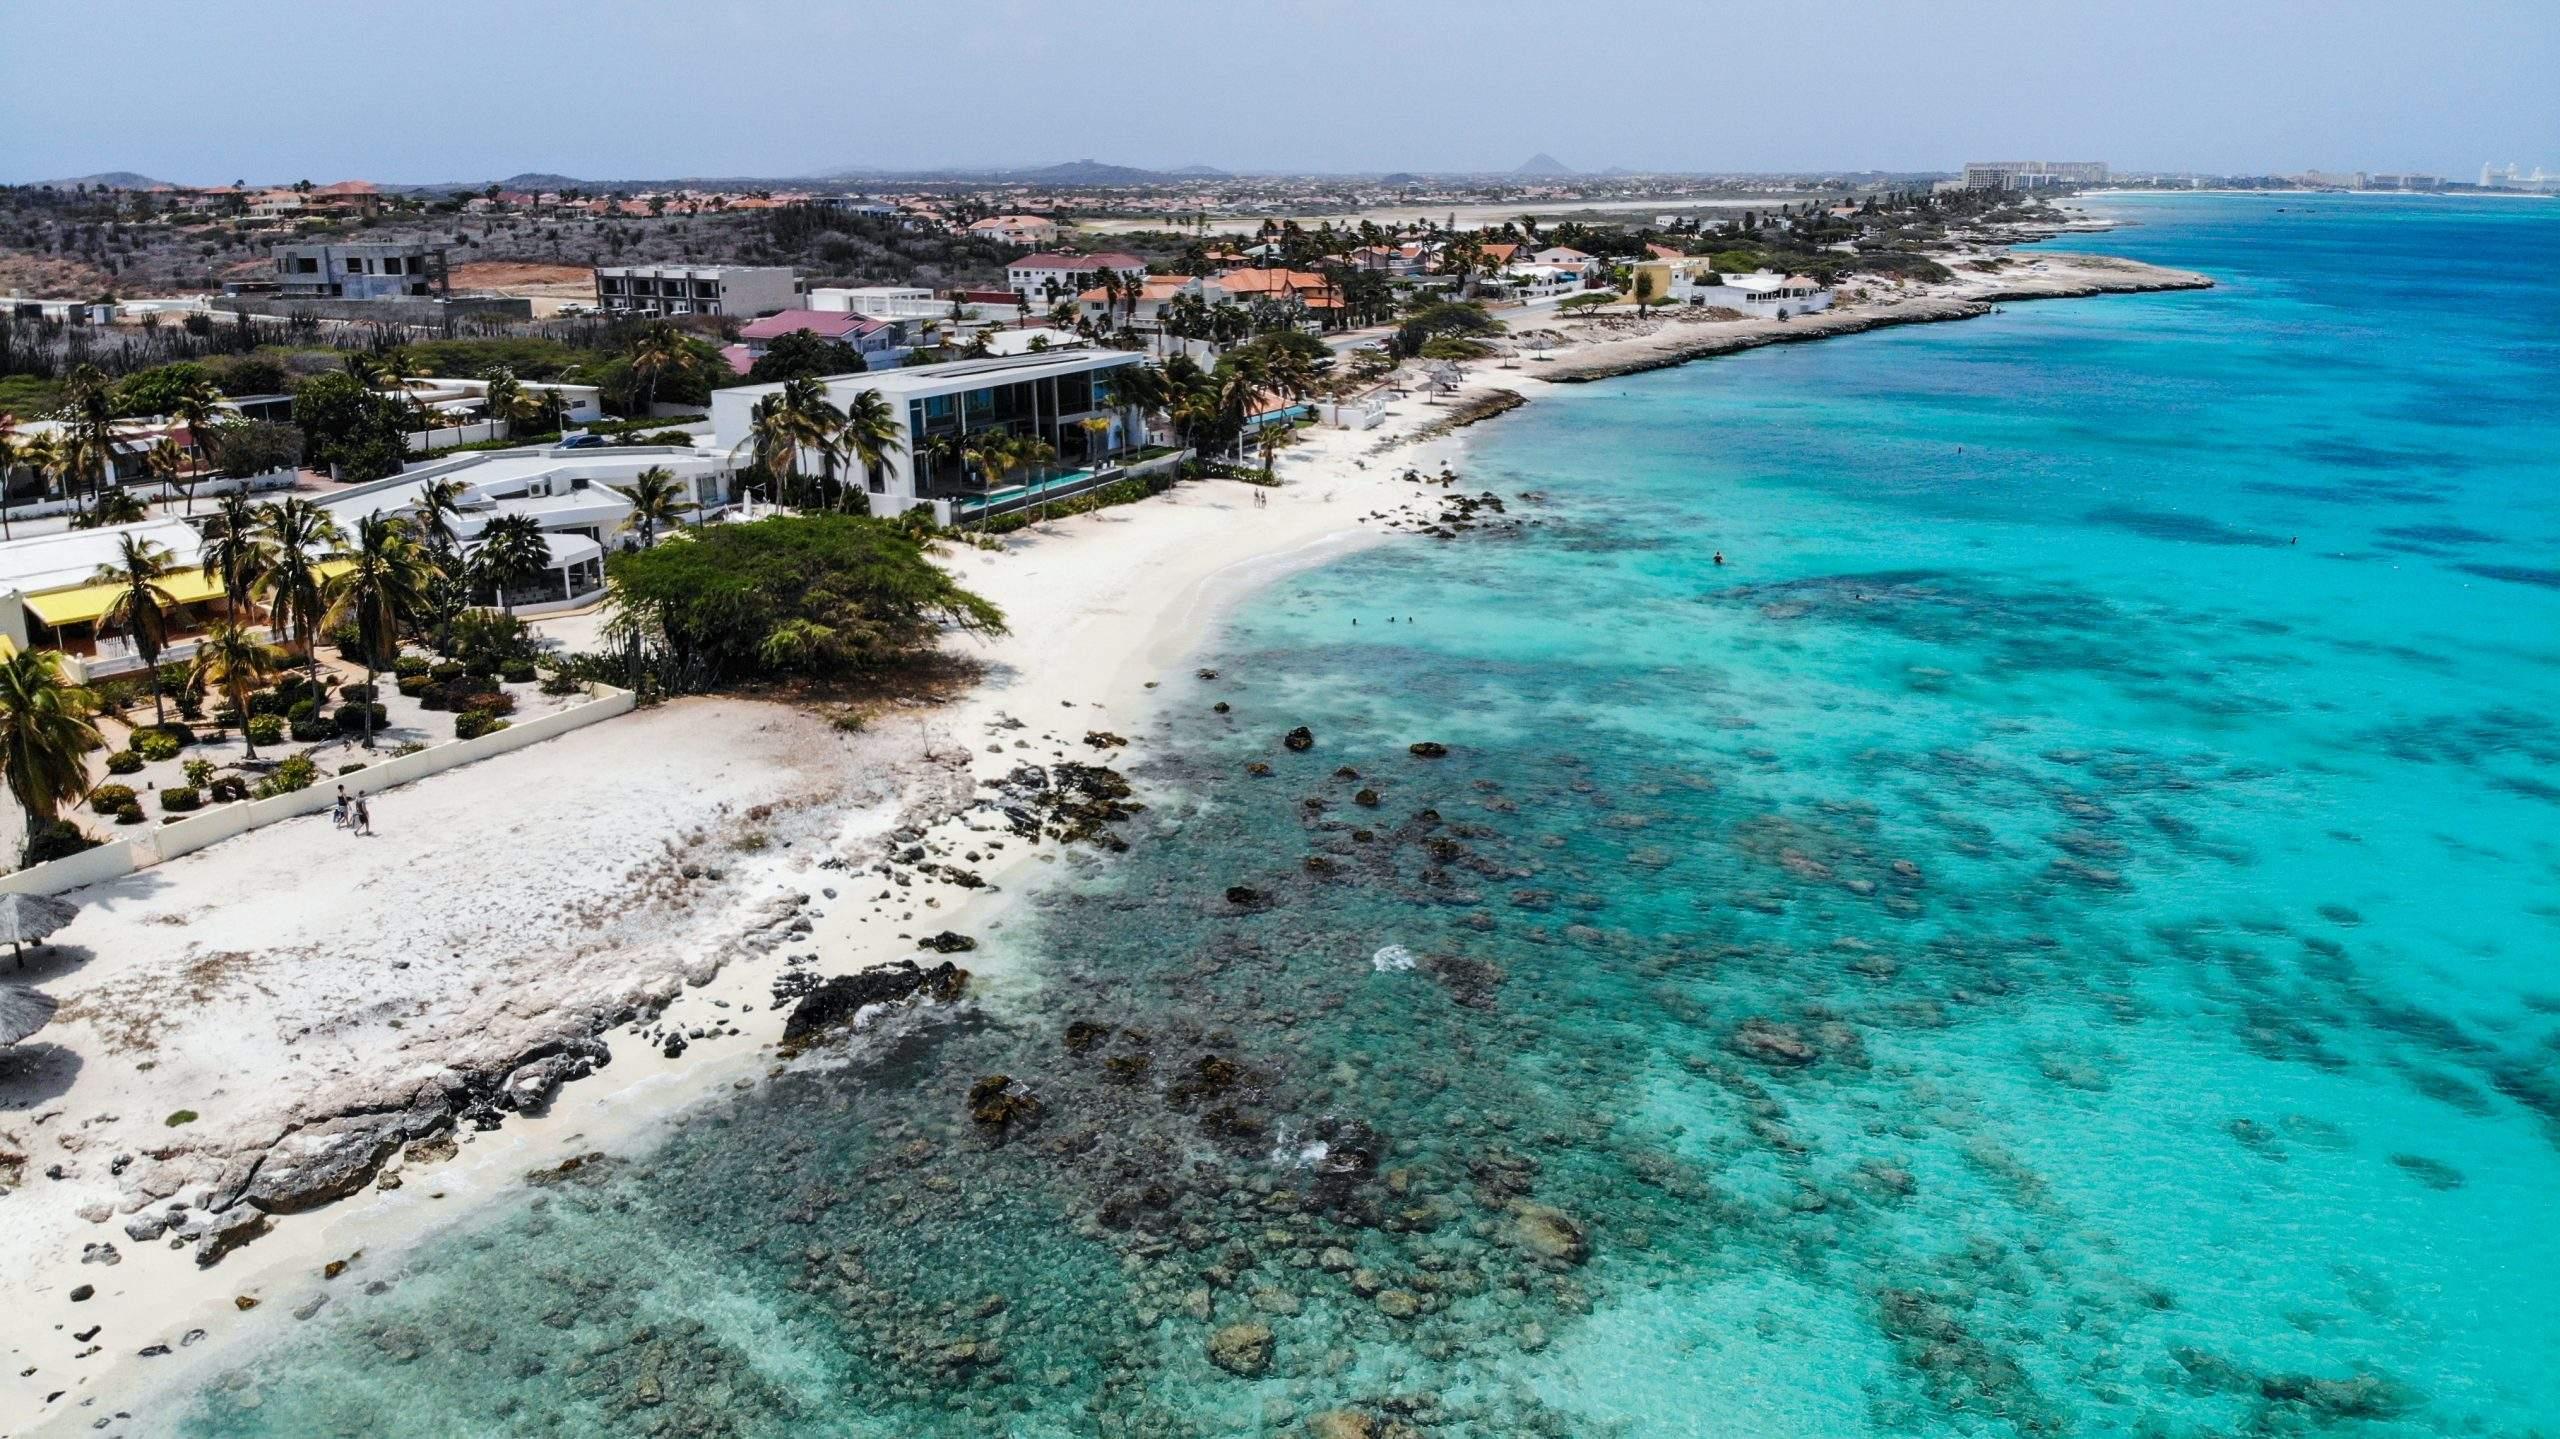 Coronavirus (COVID-19) and Travel to Aruba